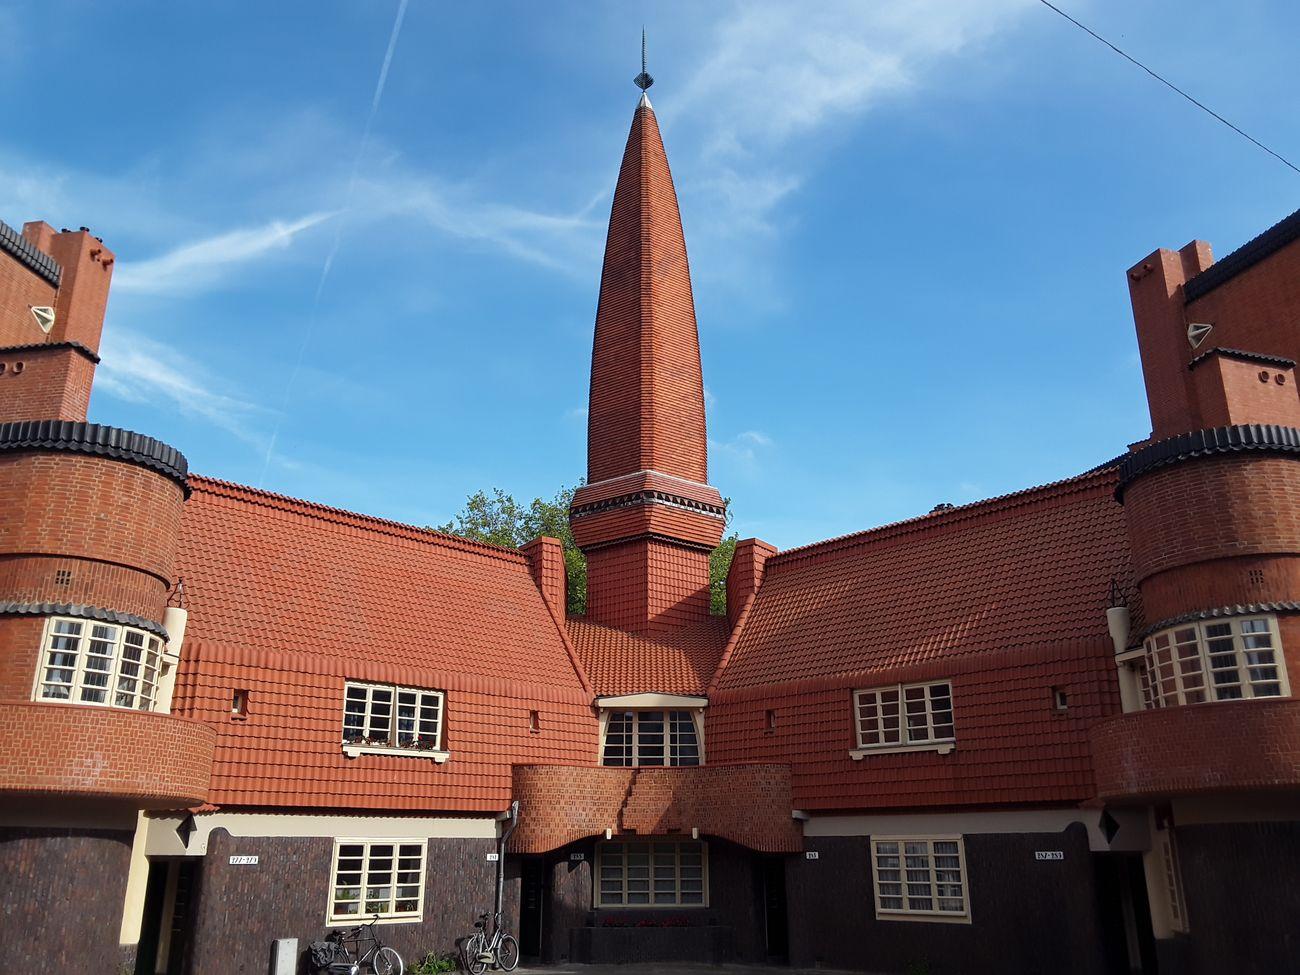 Michel de Klerk, Torre del blocco abitativo Het Schip, Amsterdam,1921. Photo credits Museo Het Schip